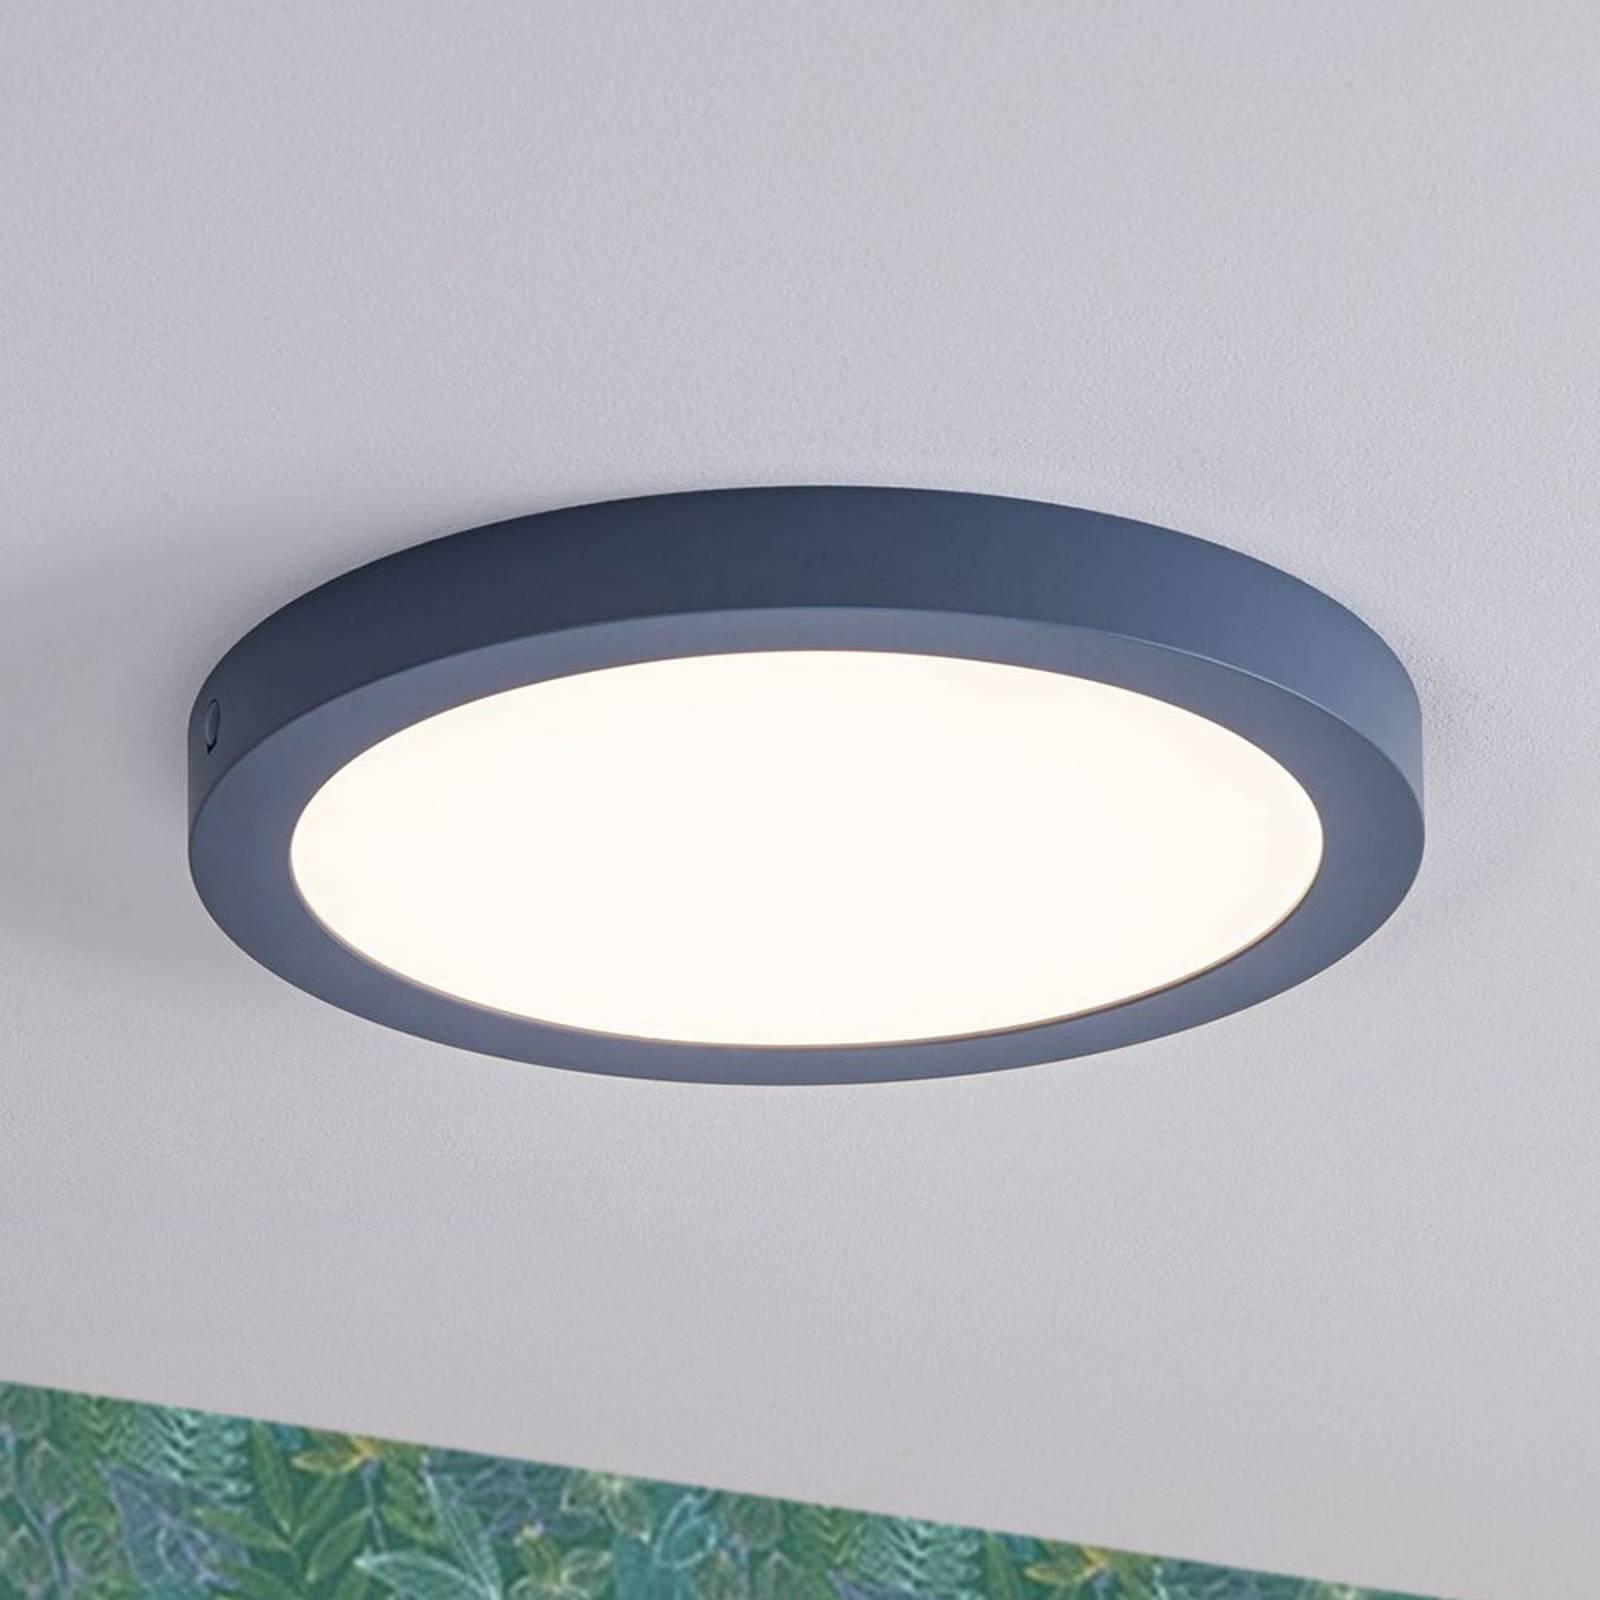 Paulmann-LED-paneeli Abia, pyöreä, harmaansininen